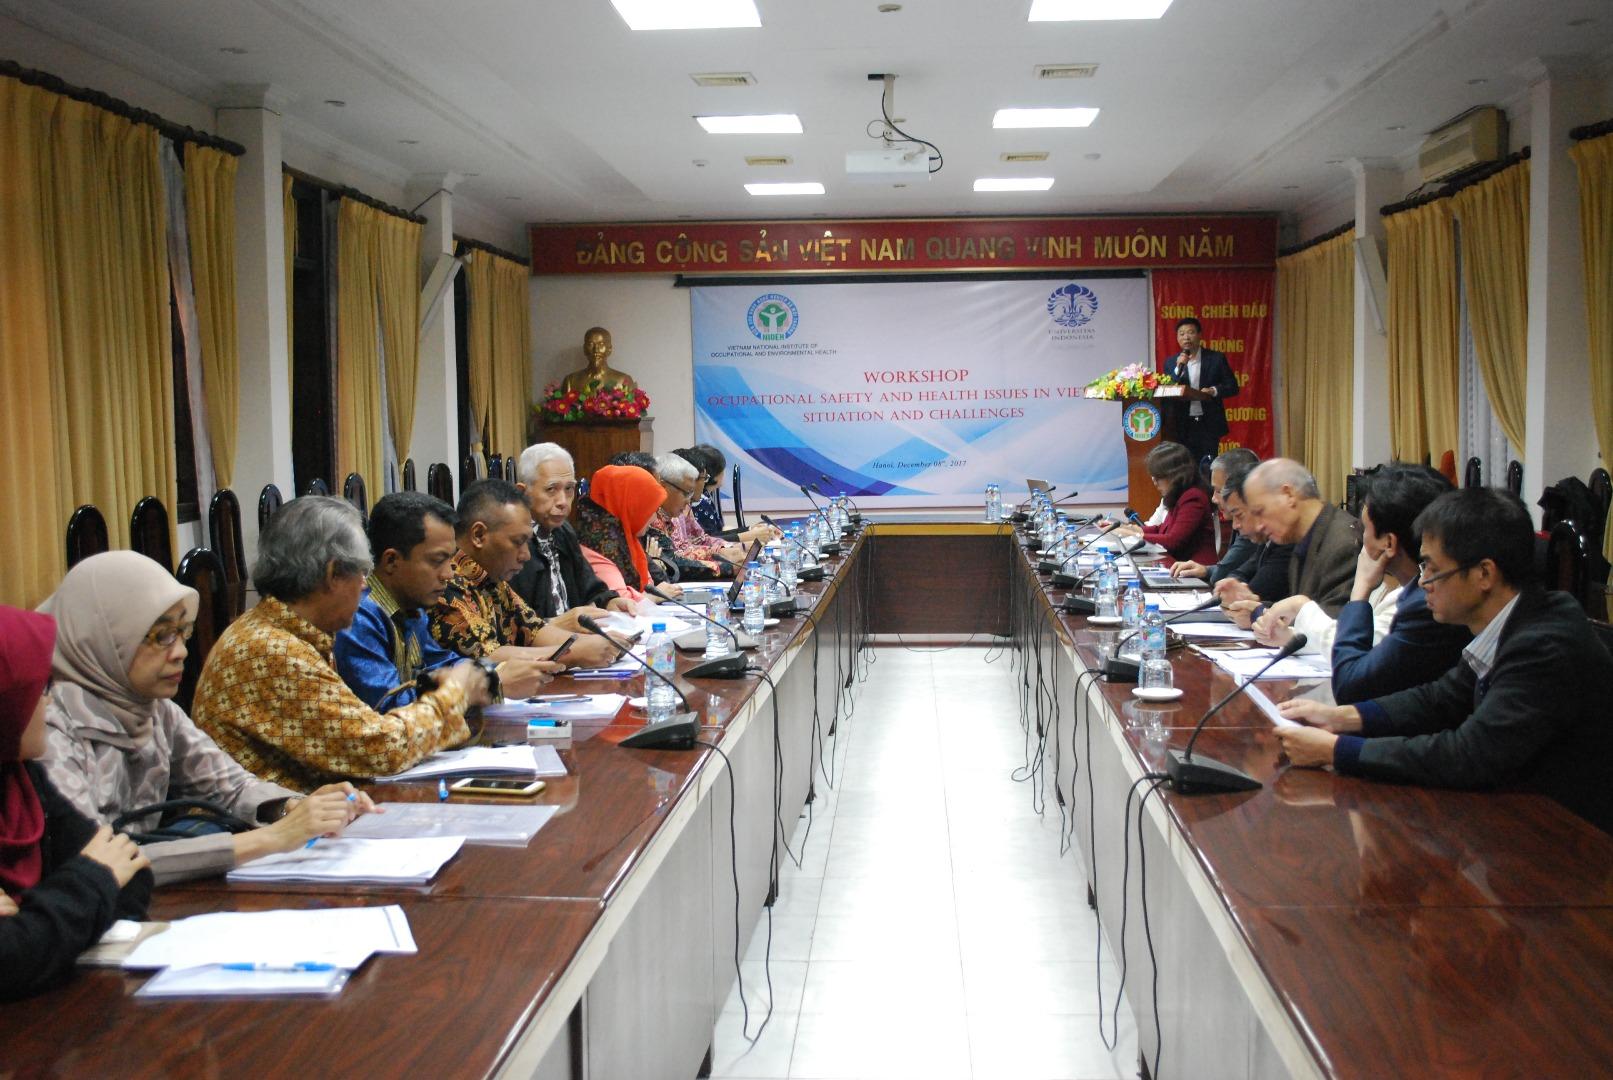 """LỚP TẬP HUẤN """"Các vấn đề An toàn vệ sinh lao động tại Việt Nam - Thực trạng và thách thức"""" cho các giảng viên trường đại học Indonesia"""